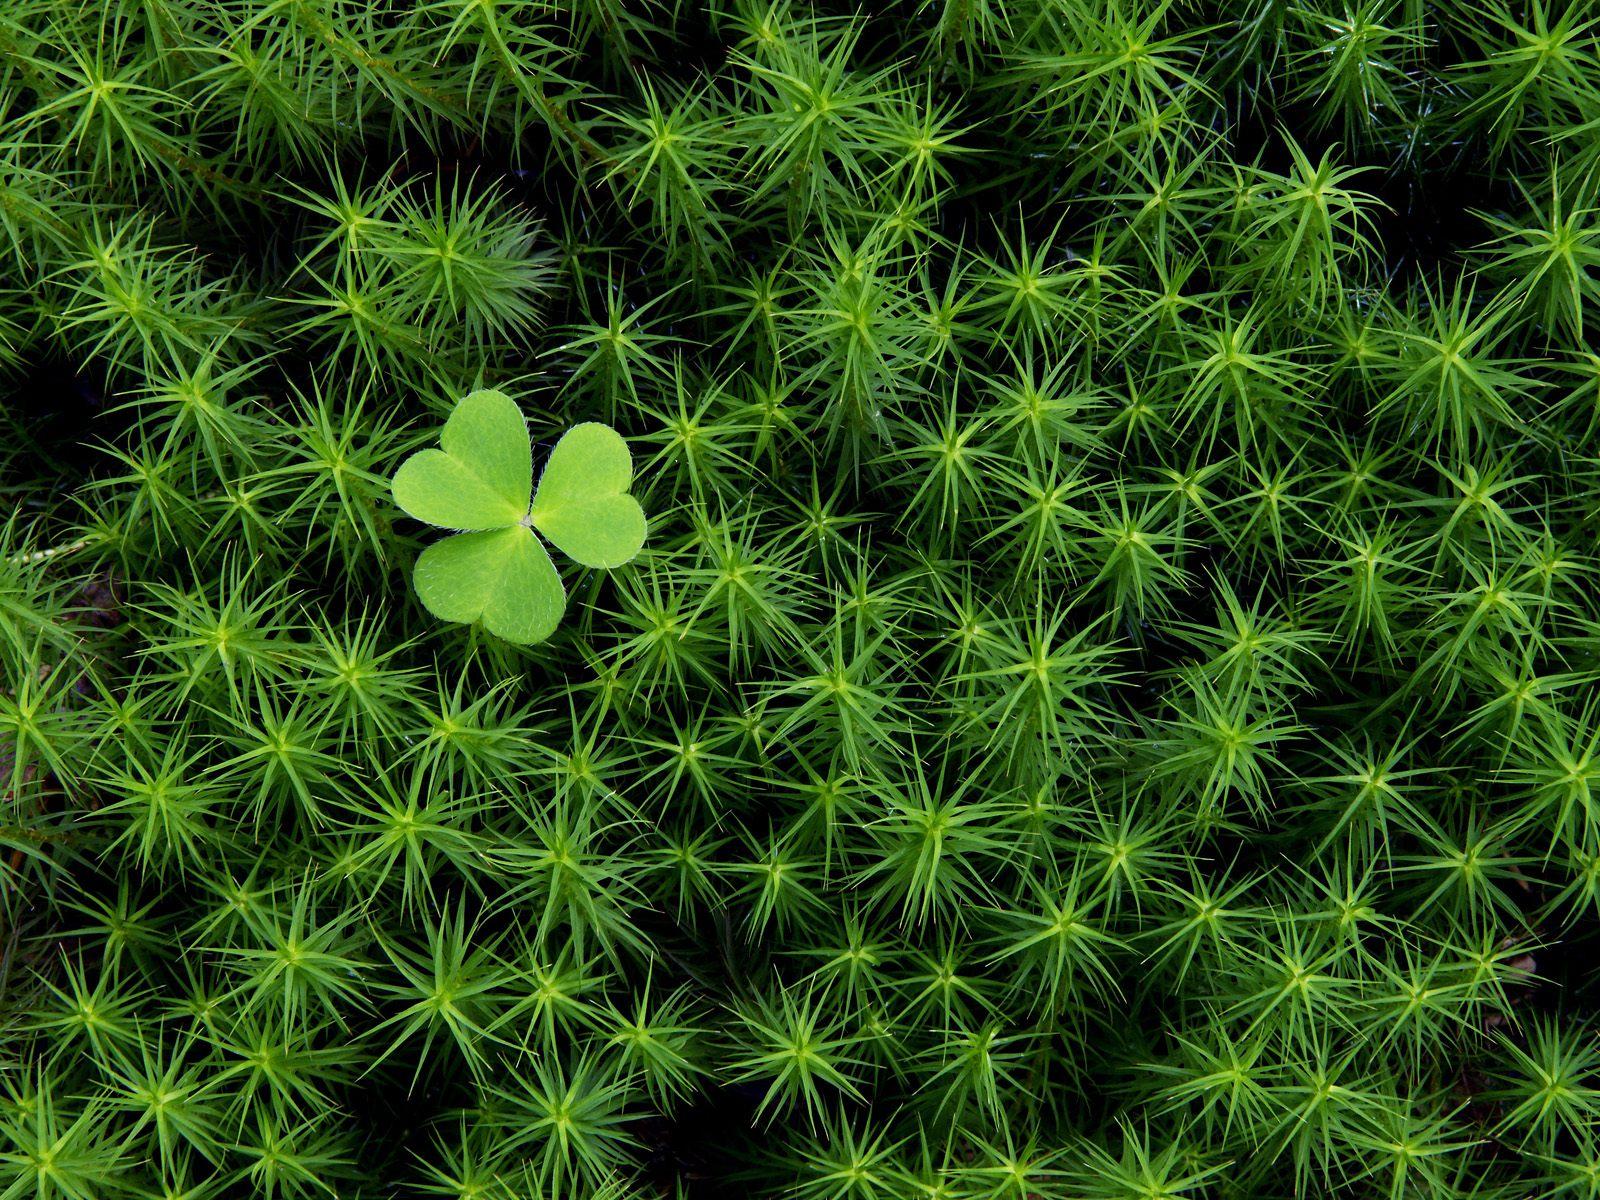 http://3.bp.blogspot.com/-VMkA7Ia3nnc/T10fi73ikkI/AAAAAAAABeE/mVAWvSDWSR0/s1600/St_Patrick_s_Day_Clover_wallpaper.jpg